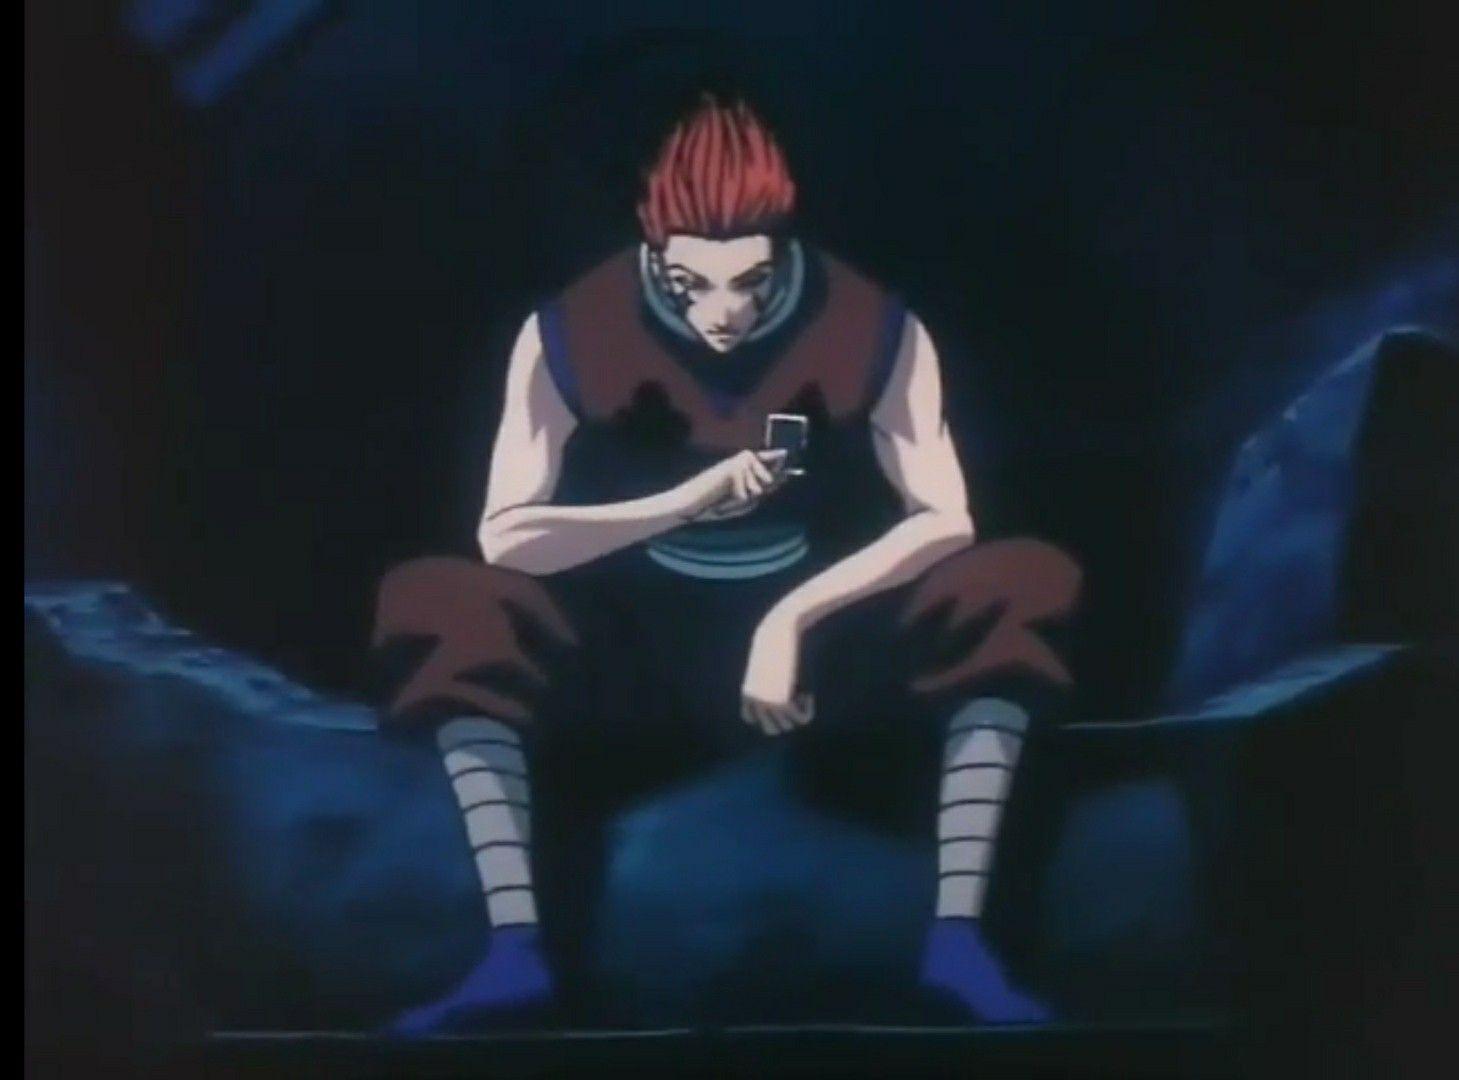 Hisoka Hxh 1999 Hisoka Anime 90s Anime